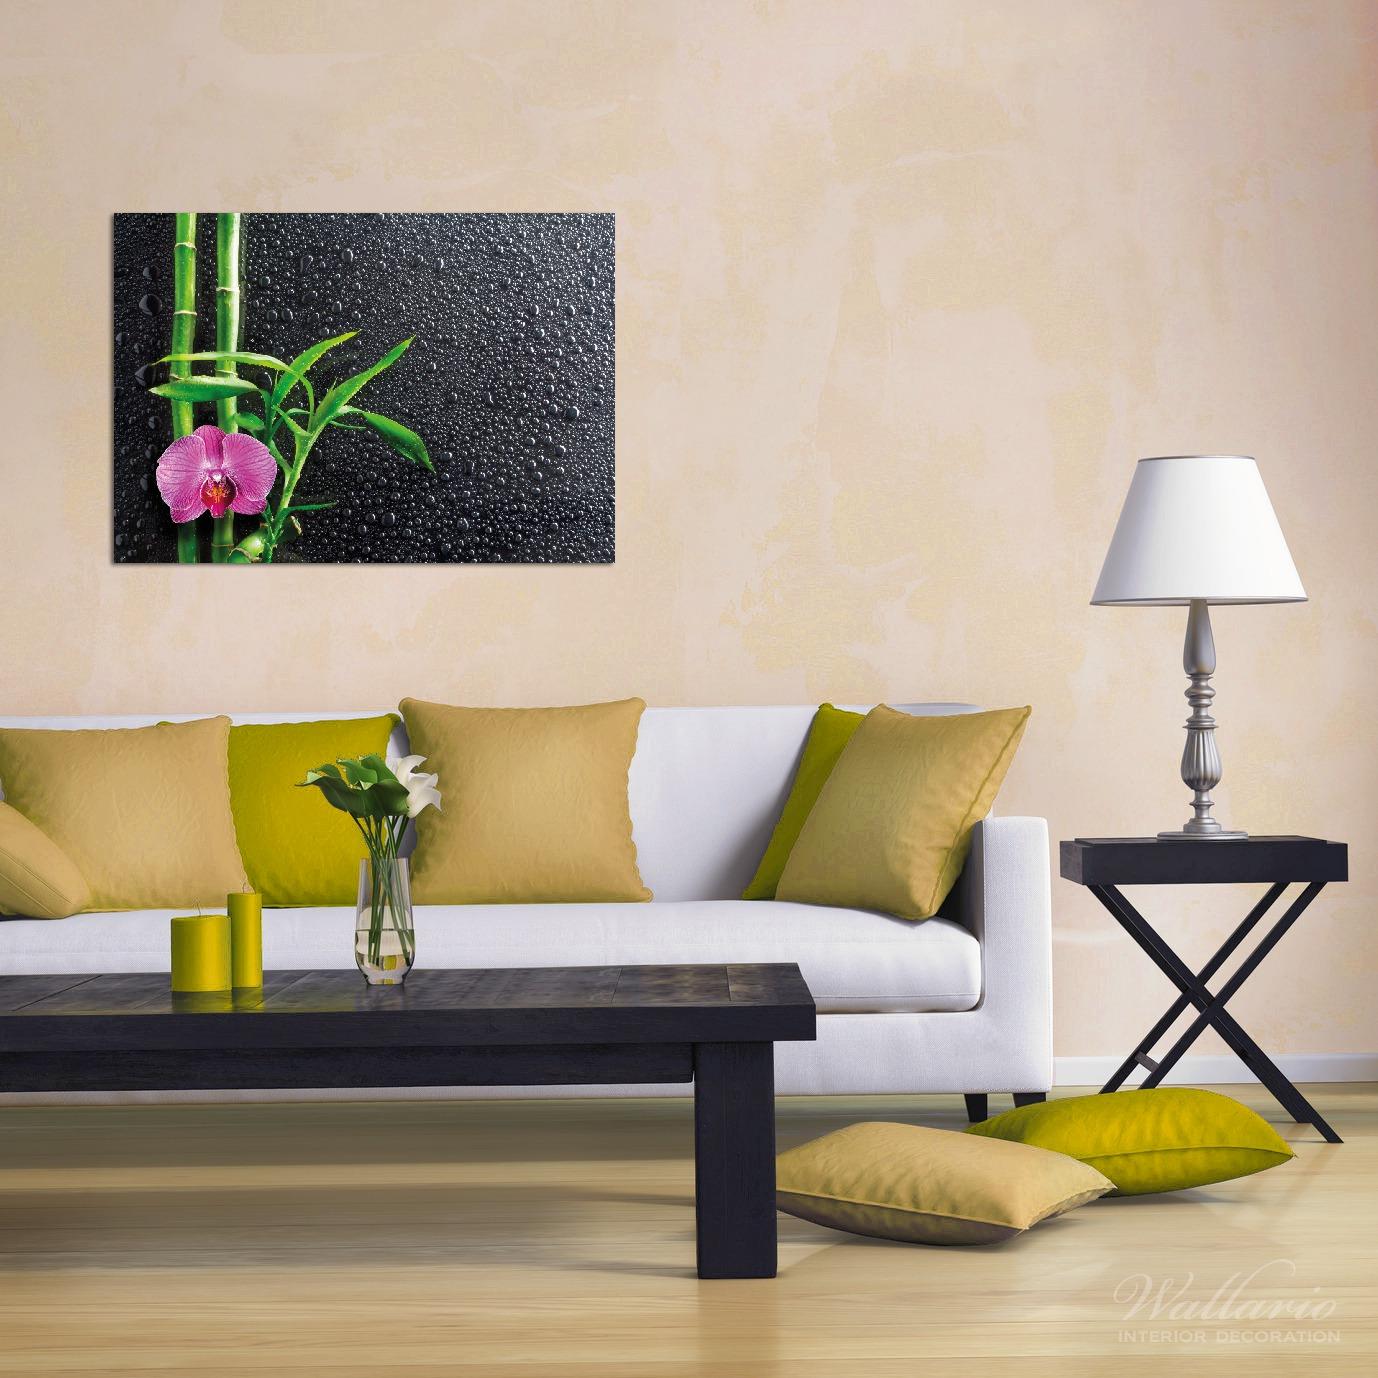 Wandbild Bambus und pinke Orchidee auf schwarzem Glas mit Regentropfen – Bild 2